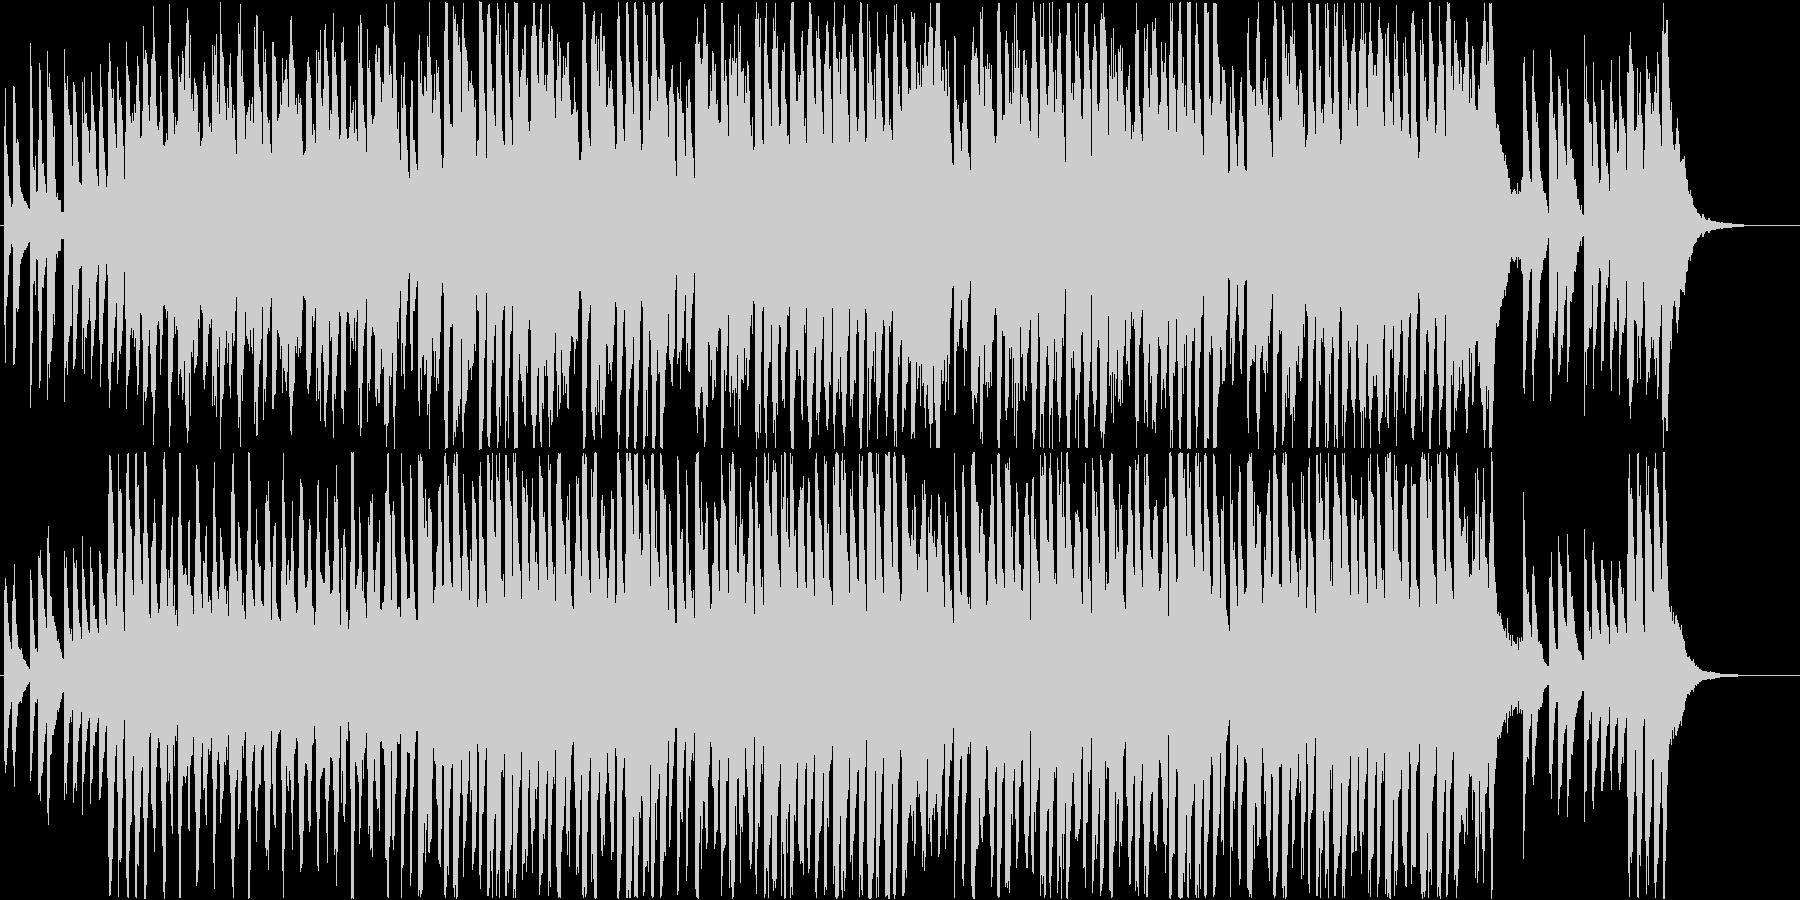 明るいコミカルなオーケストラBGM♪の未再生の波形